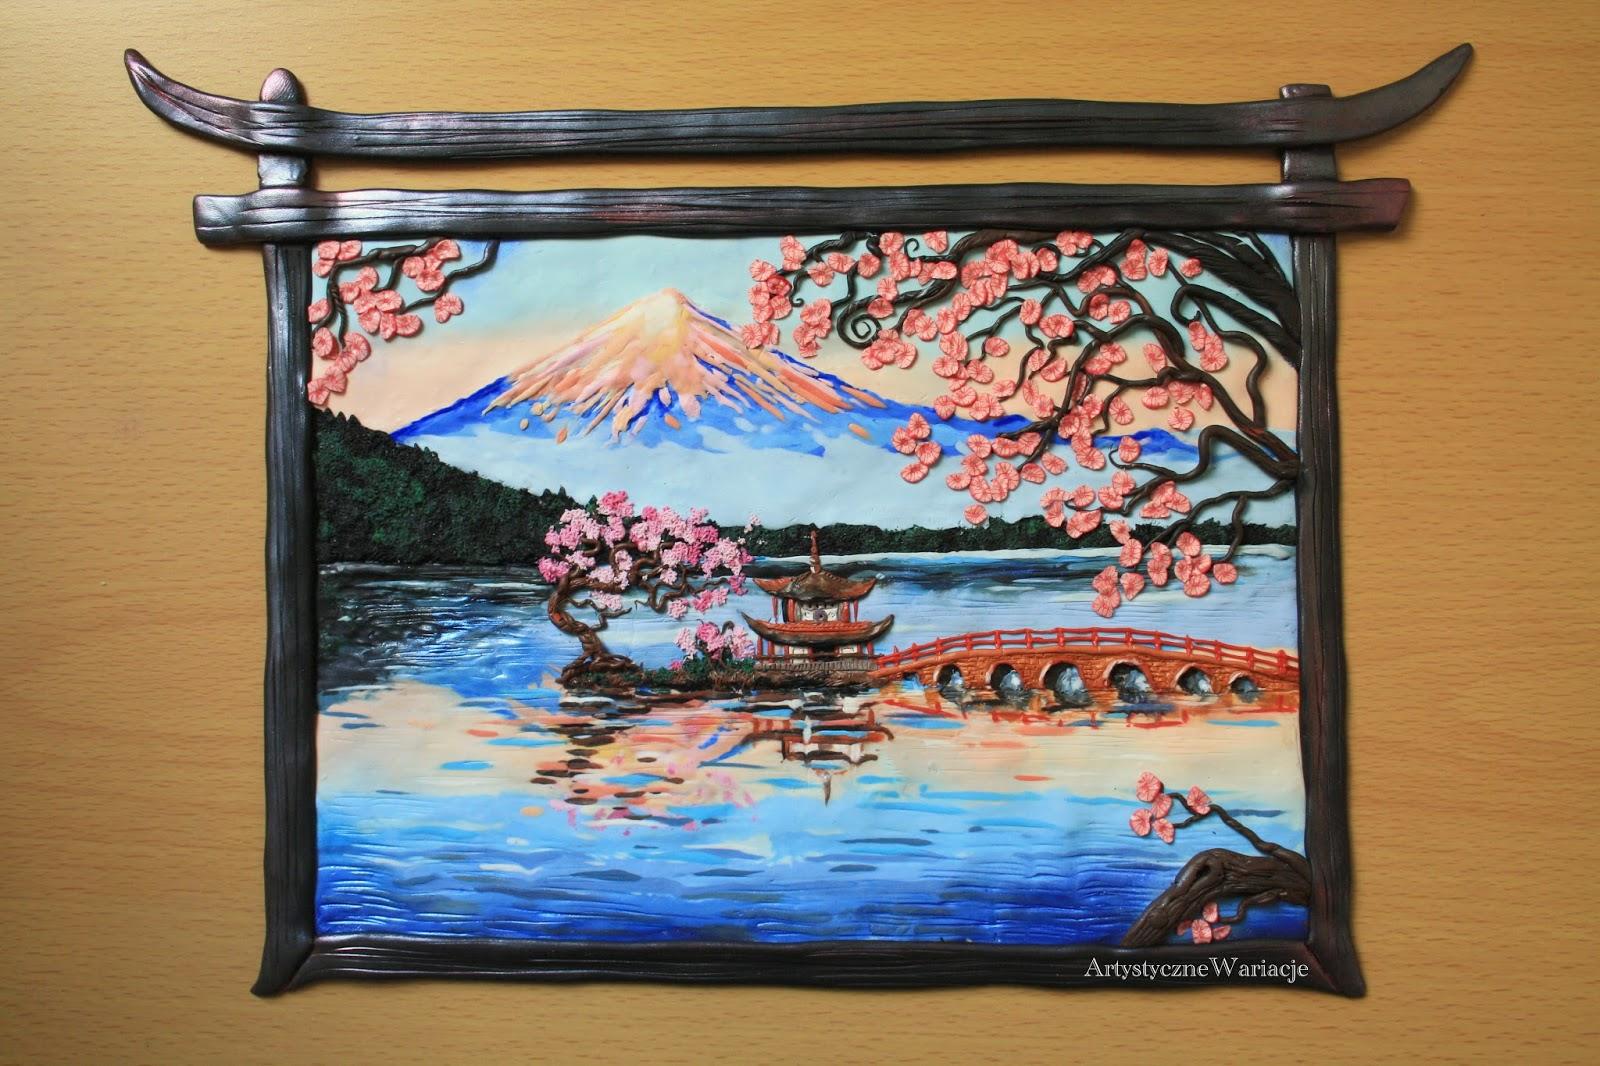 http://artystycznewariacje.blogspot.co.uk/2014/08/pejzaz-japonski.html